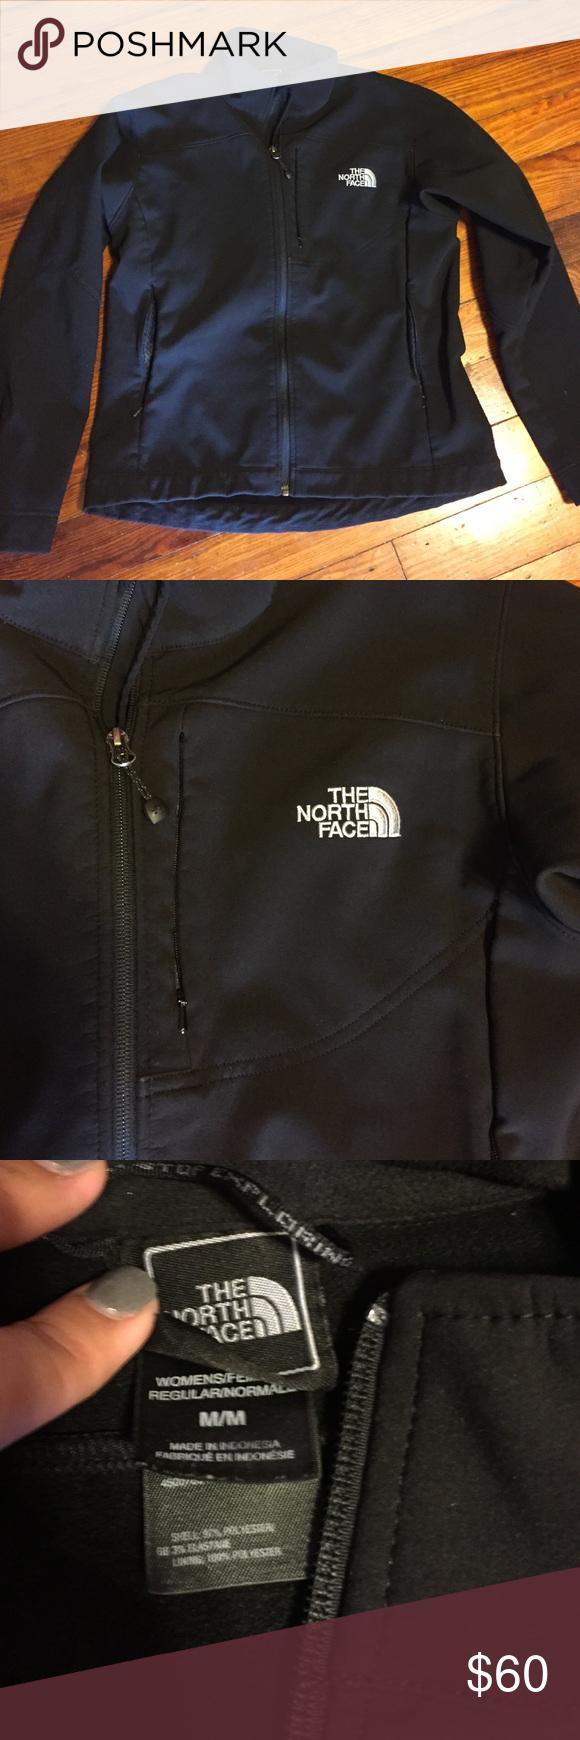 North face apex jacket Women's Medium apex north face jacket. Excellent condition! North Face Jackets & Coats